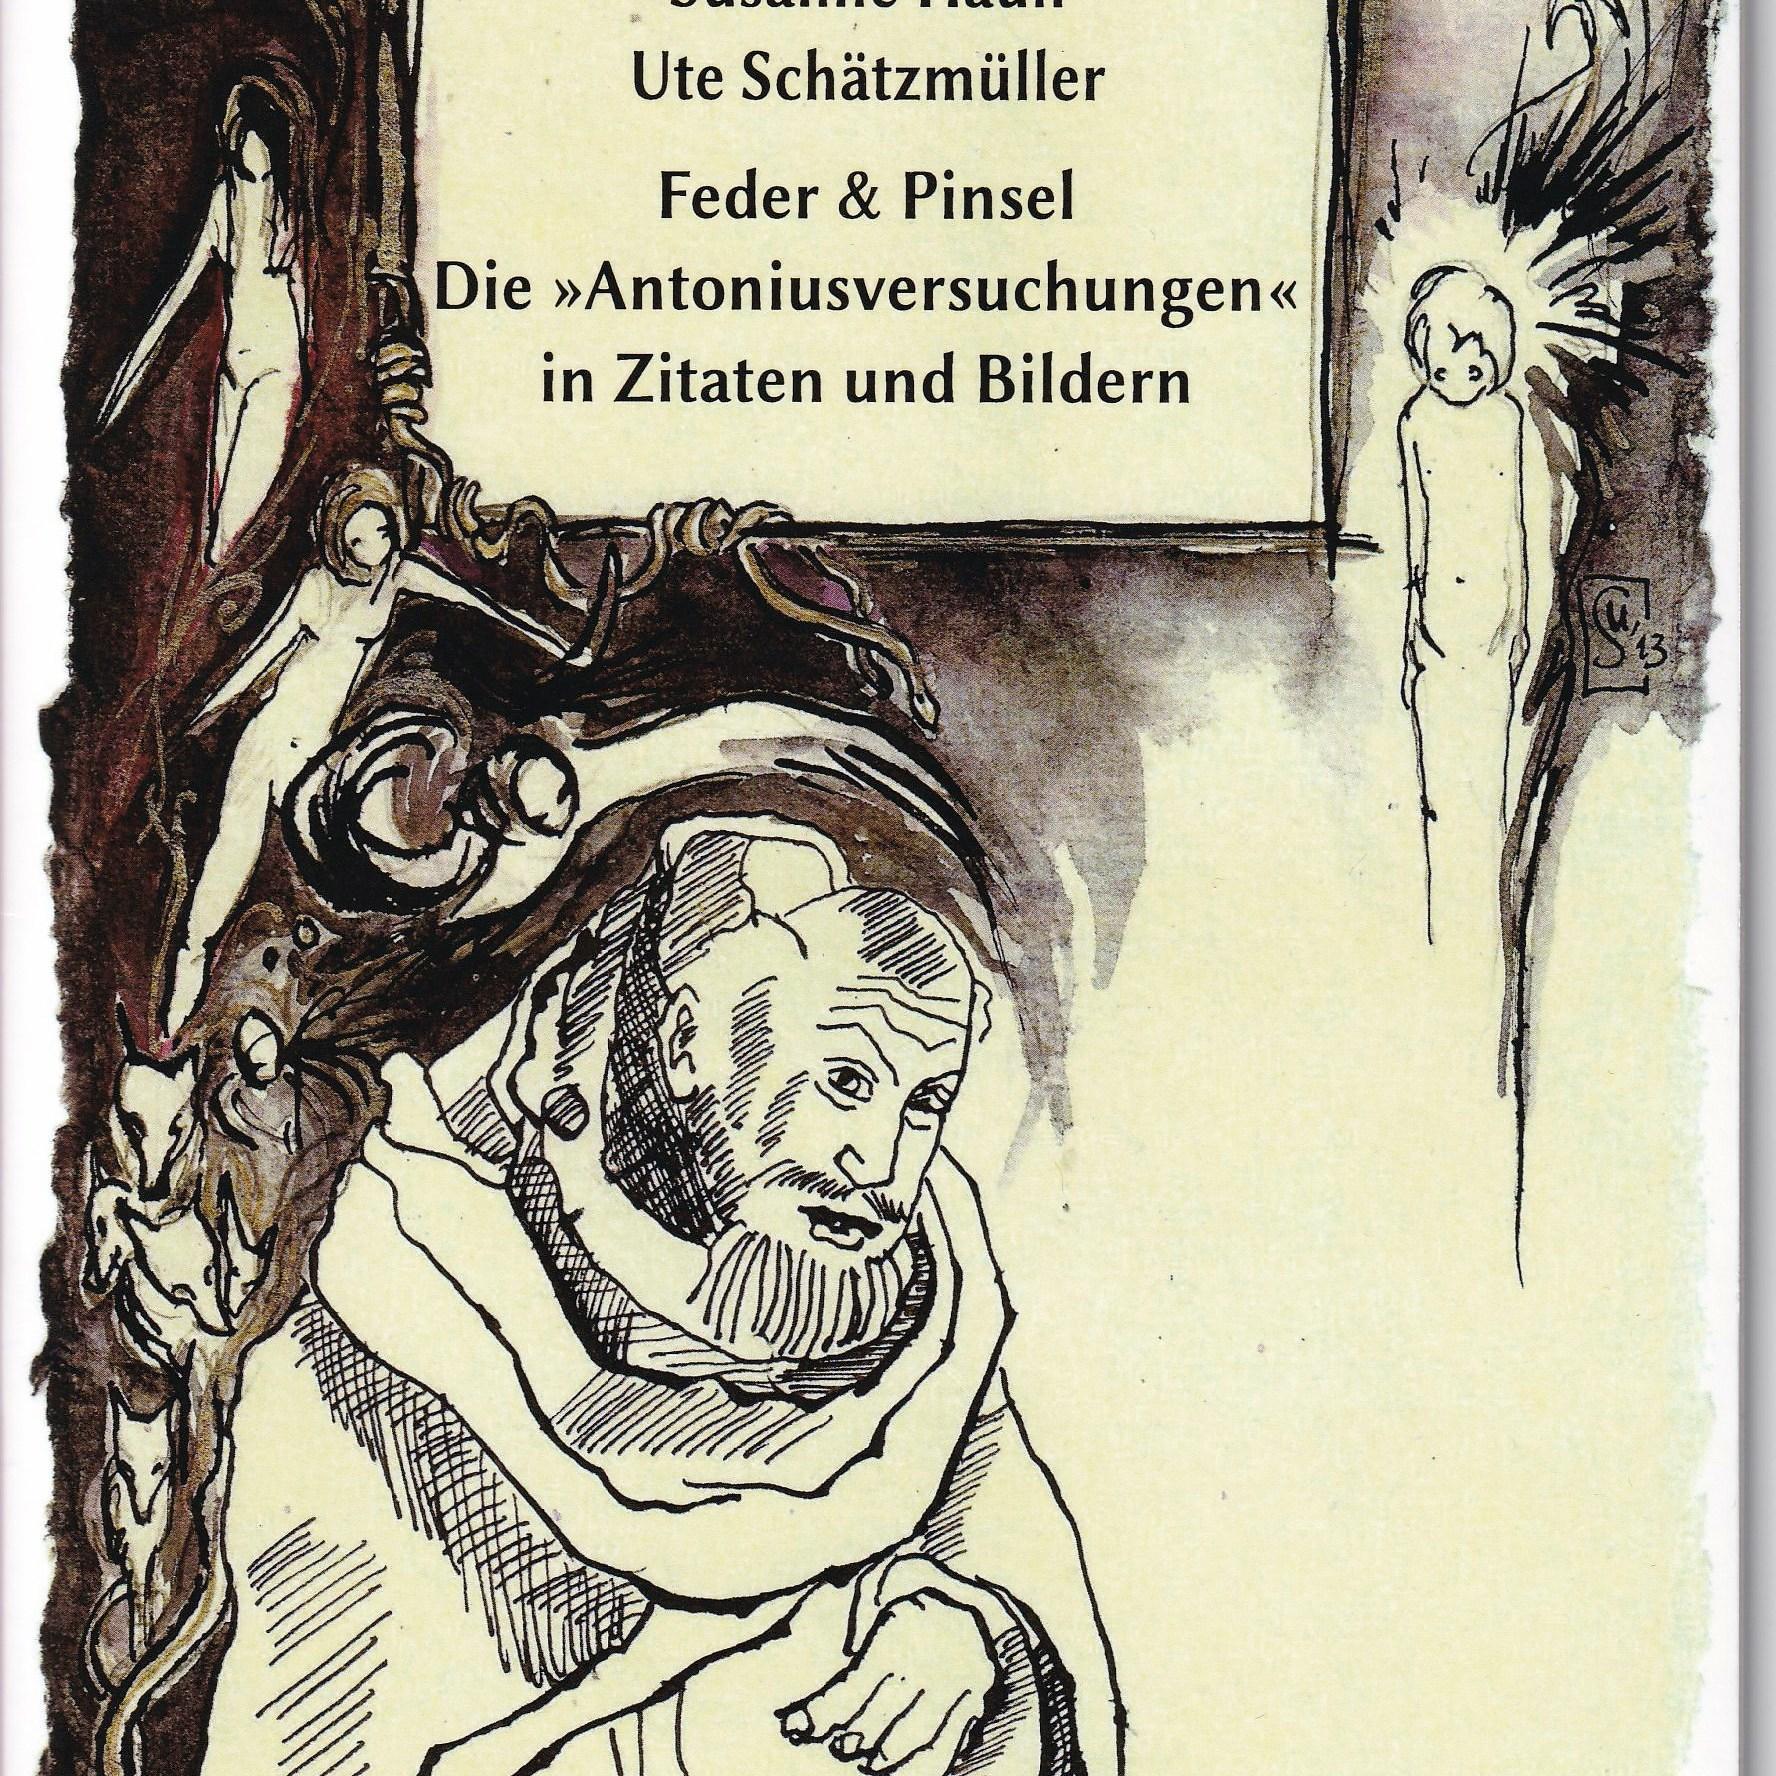 Die Antoniusversuchungen - Katalog von Susanne Haun und Ute Schätzmüller, ISBN 978-3-942002-07-3